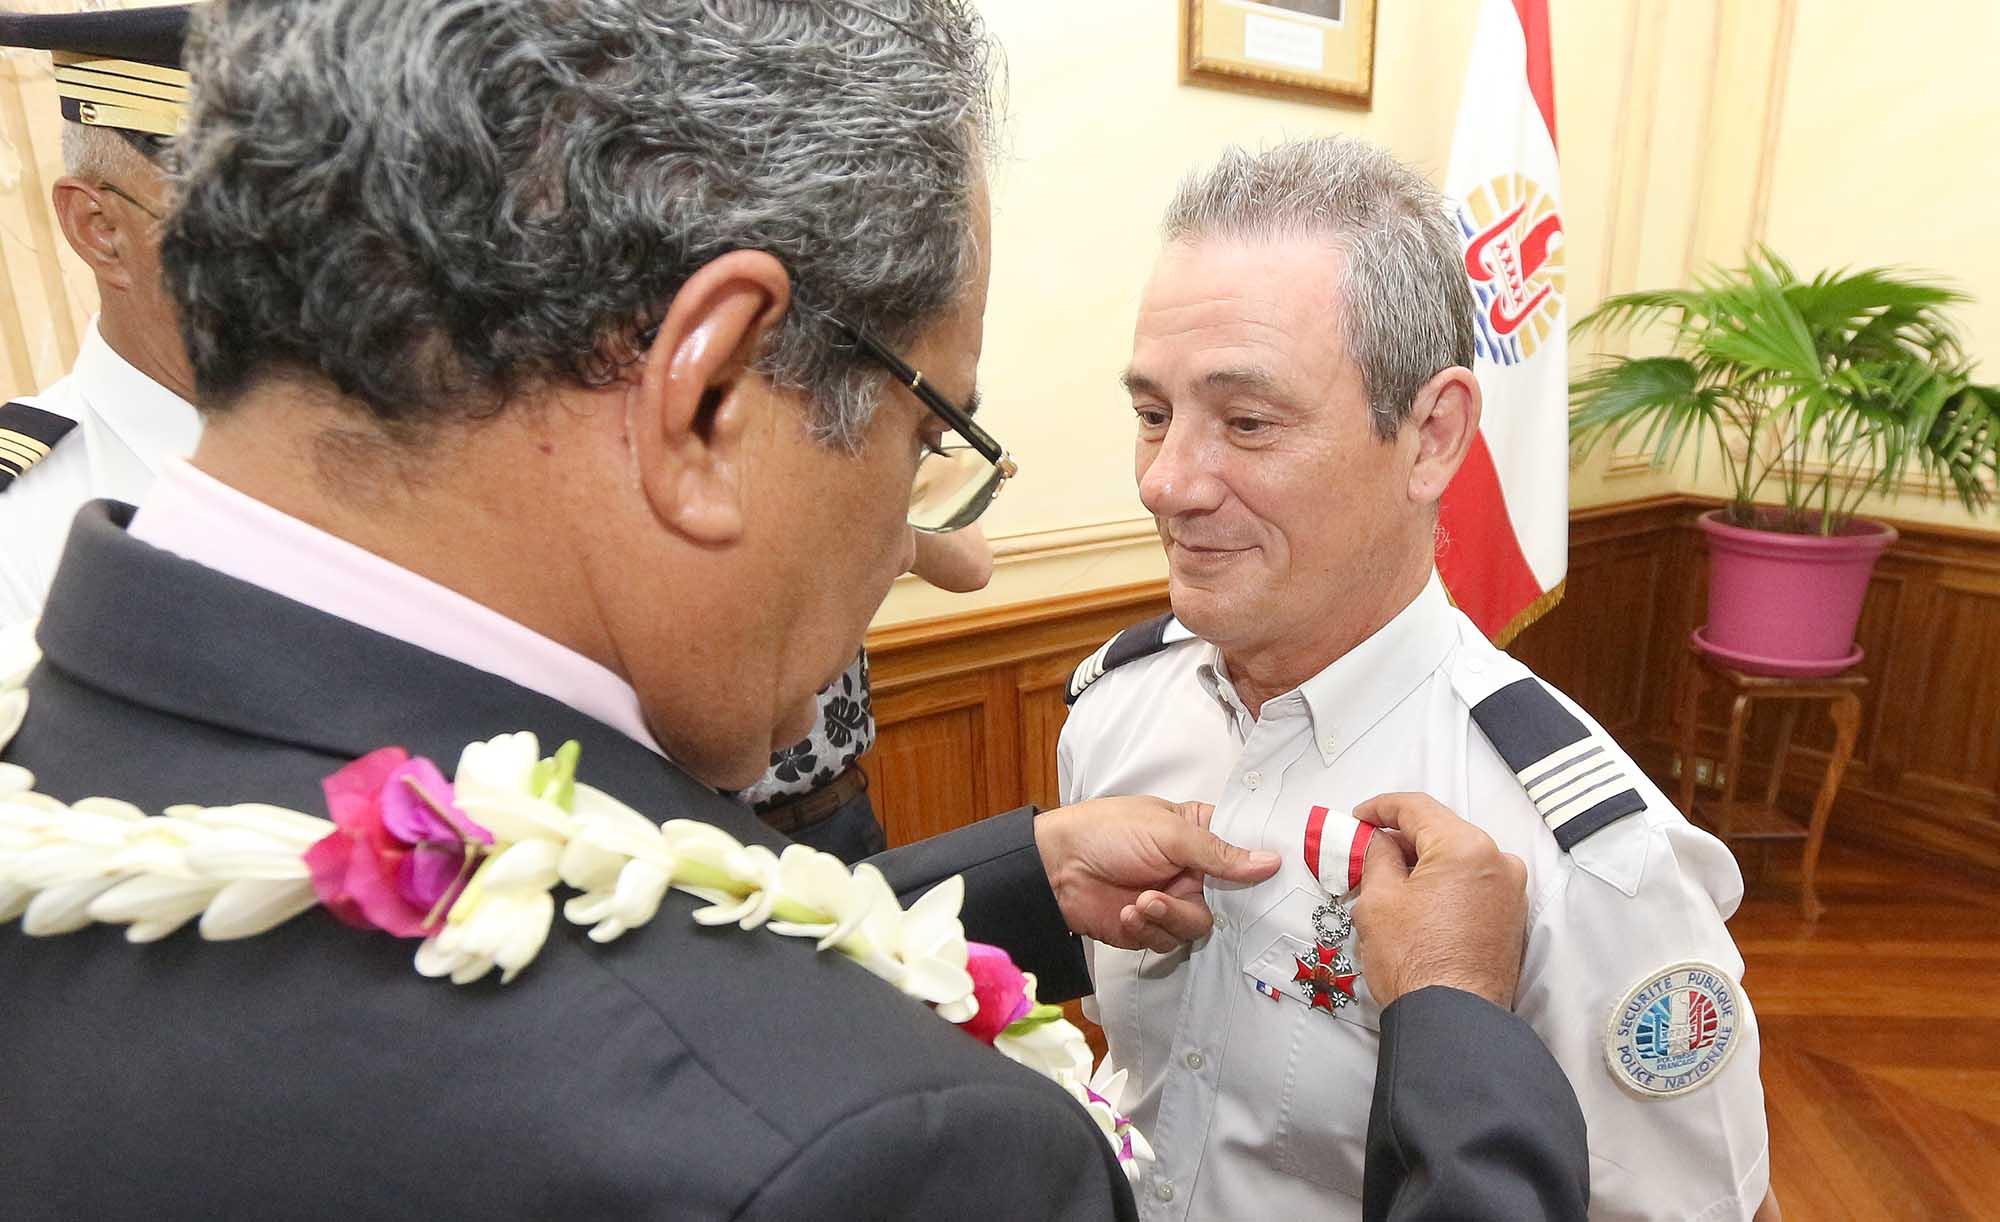 Any Bambridge et Loïc Hanuse, chevaliers de l'ordre de Tahiti Nui